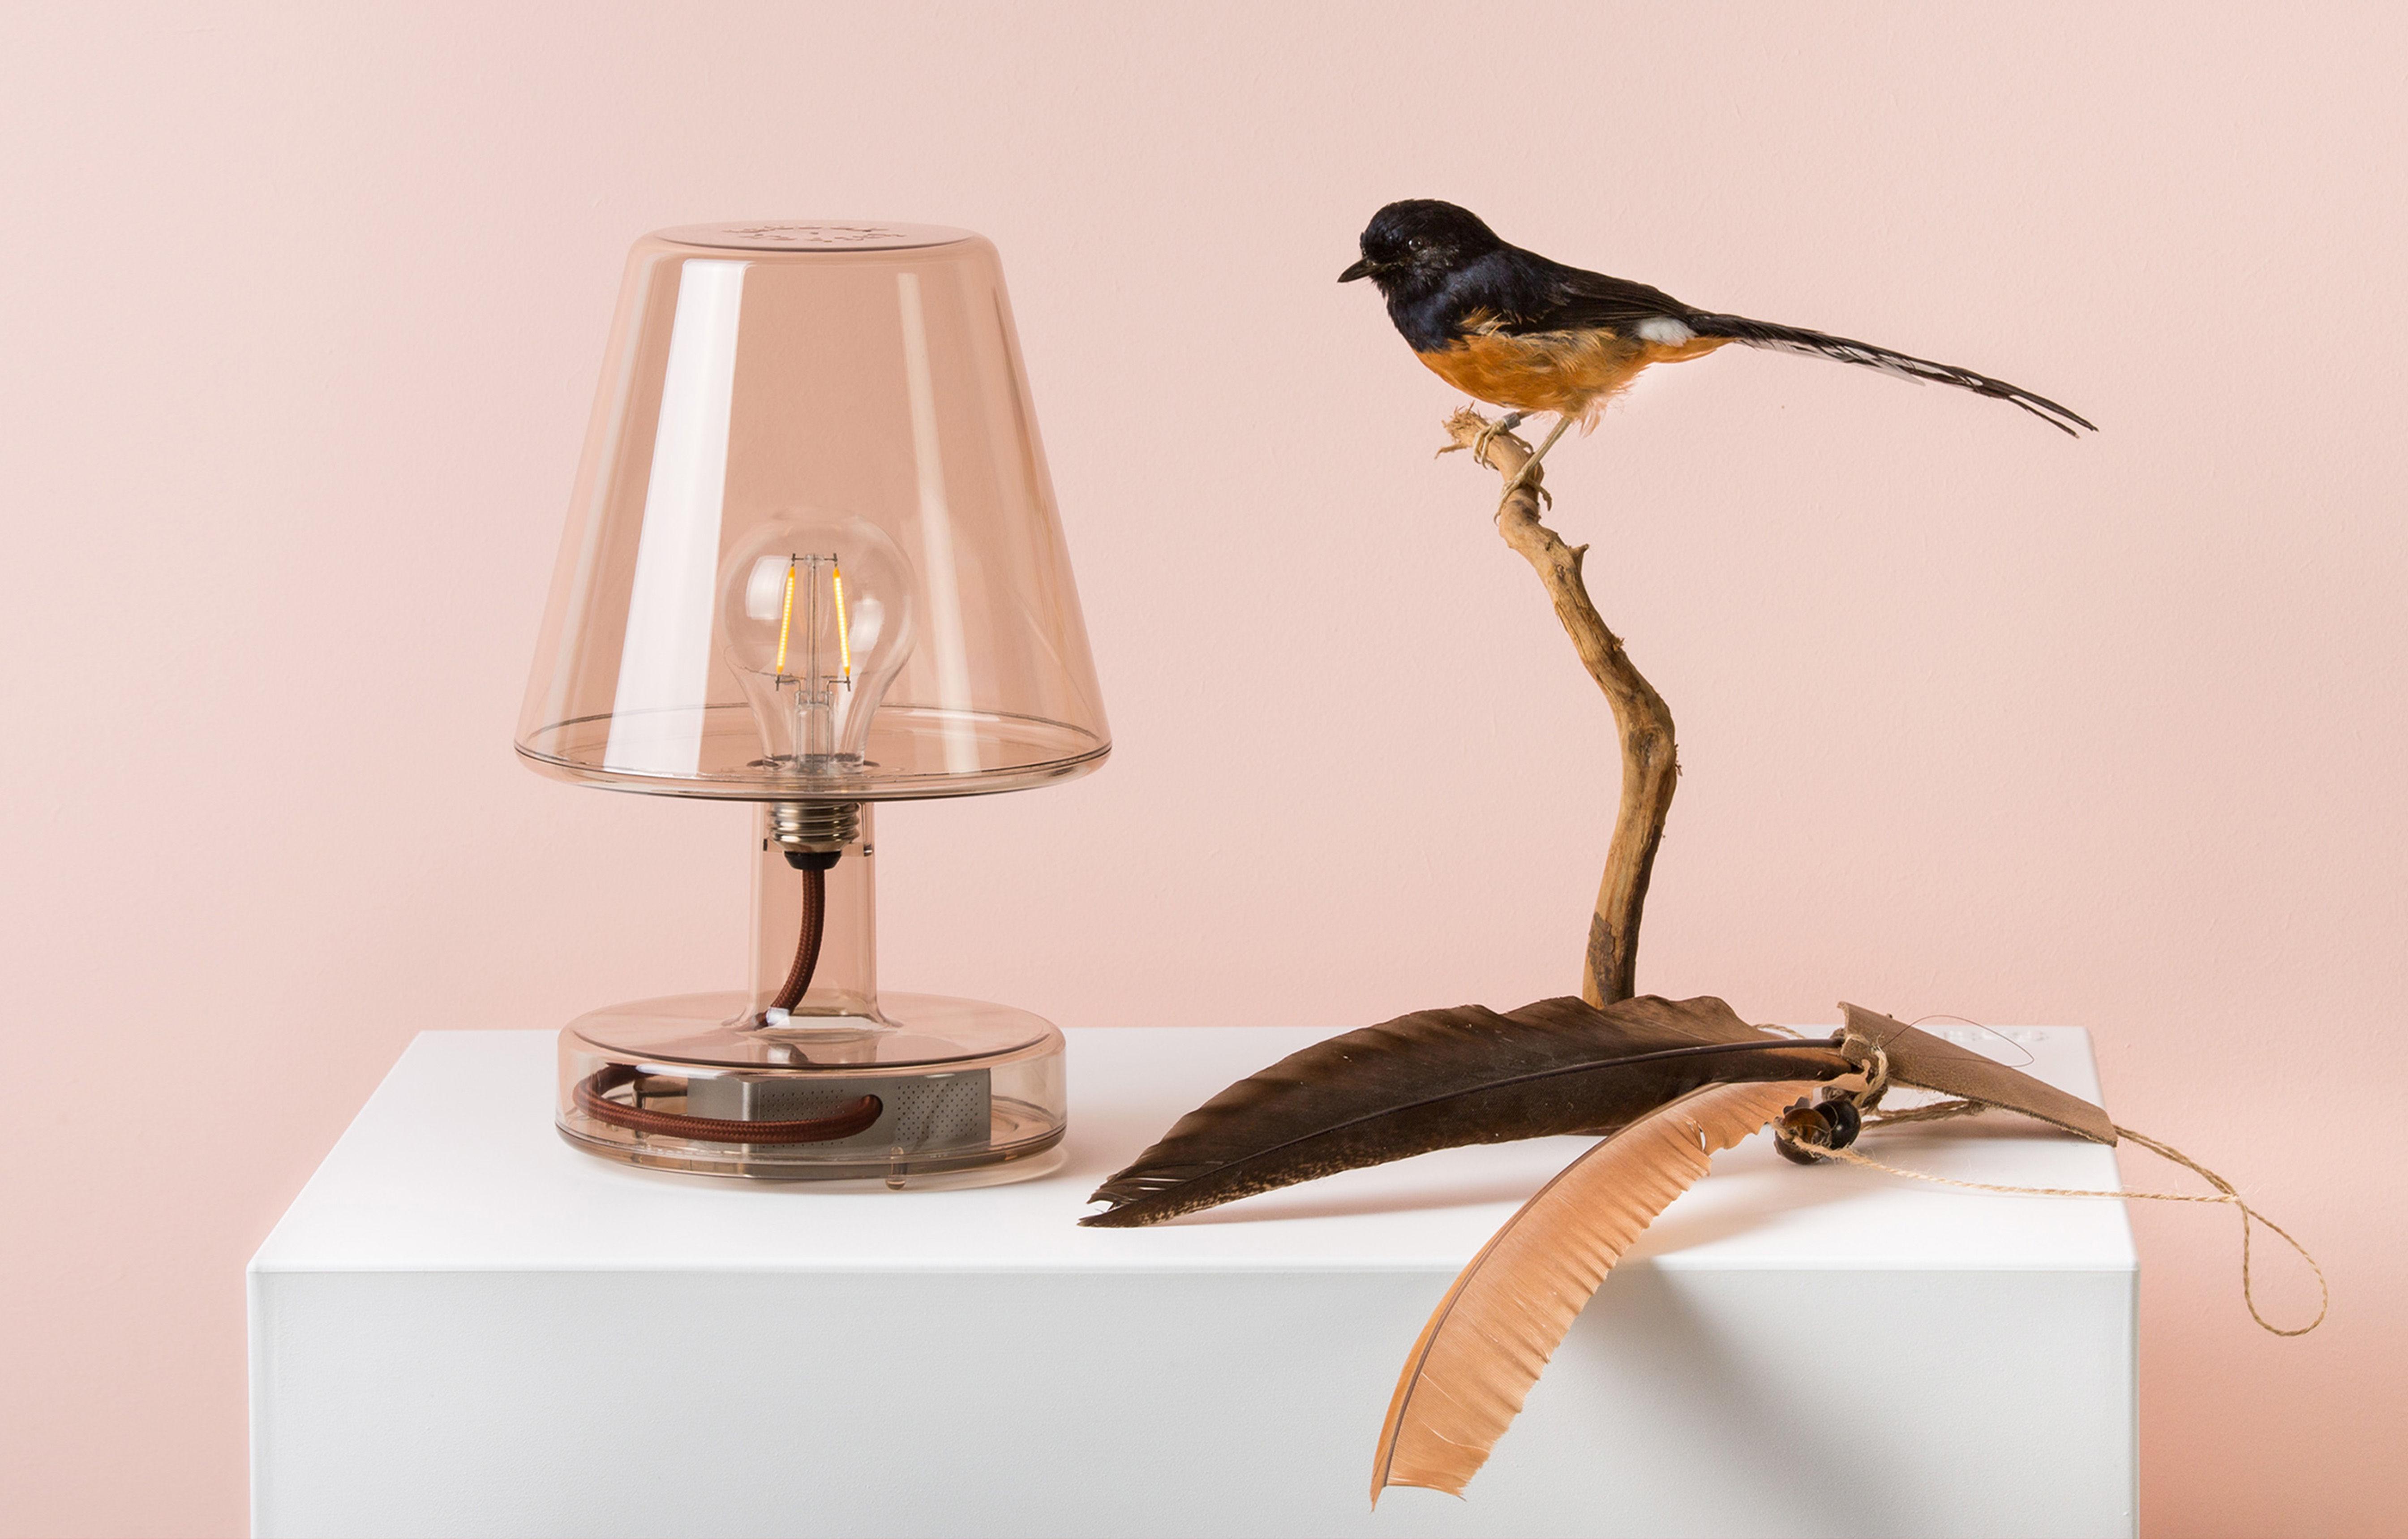 lampe ohne kabel transloetje von fatboy transparent. Black Bedroom Furniture Sets. Home Design Ideas